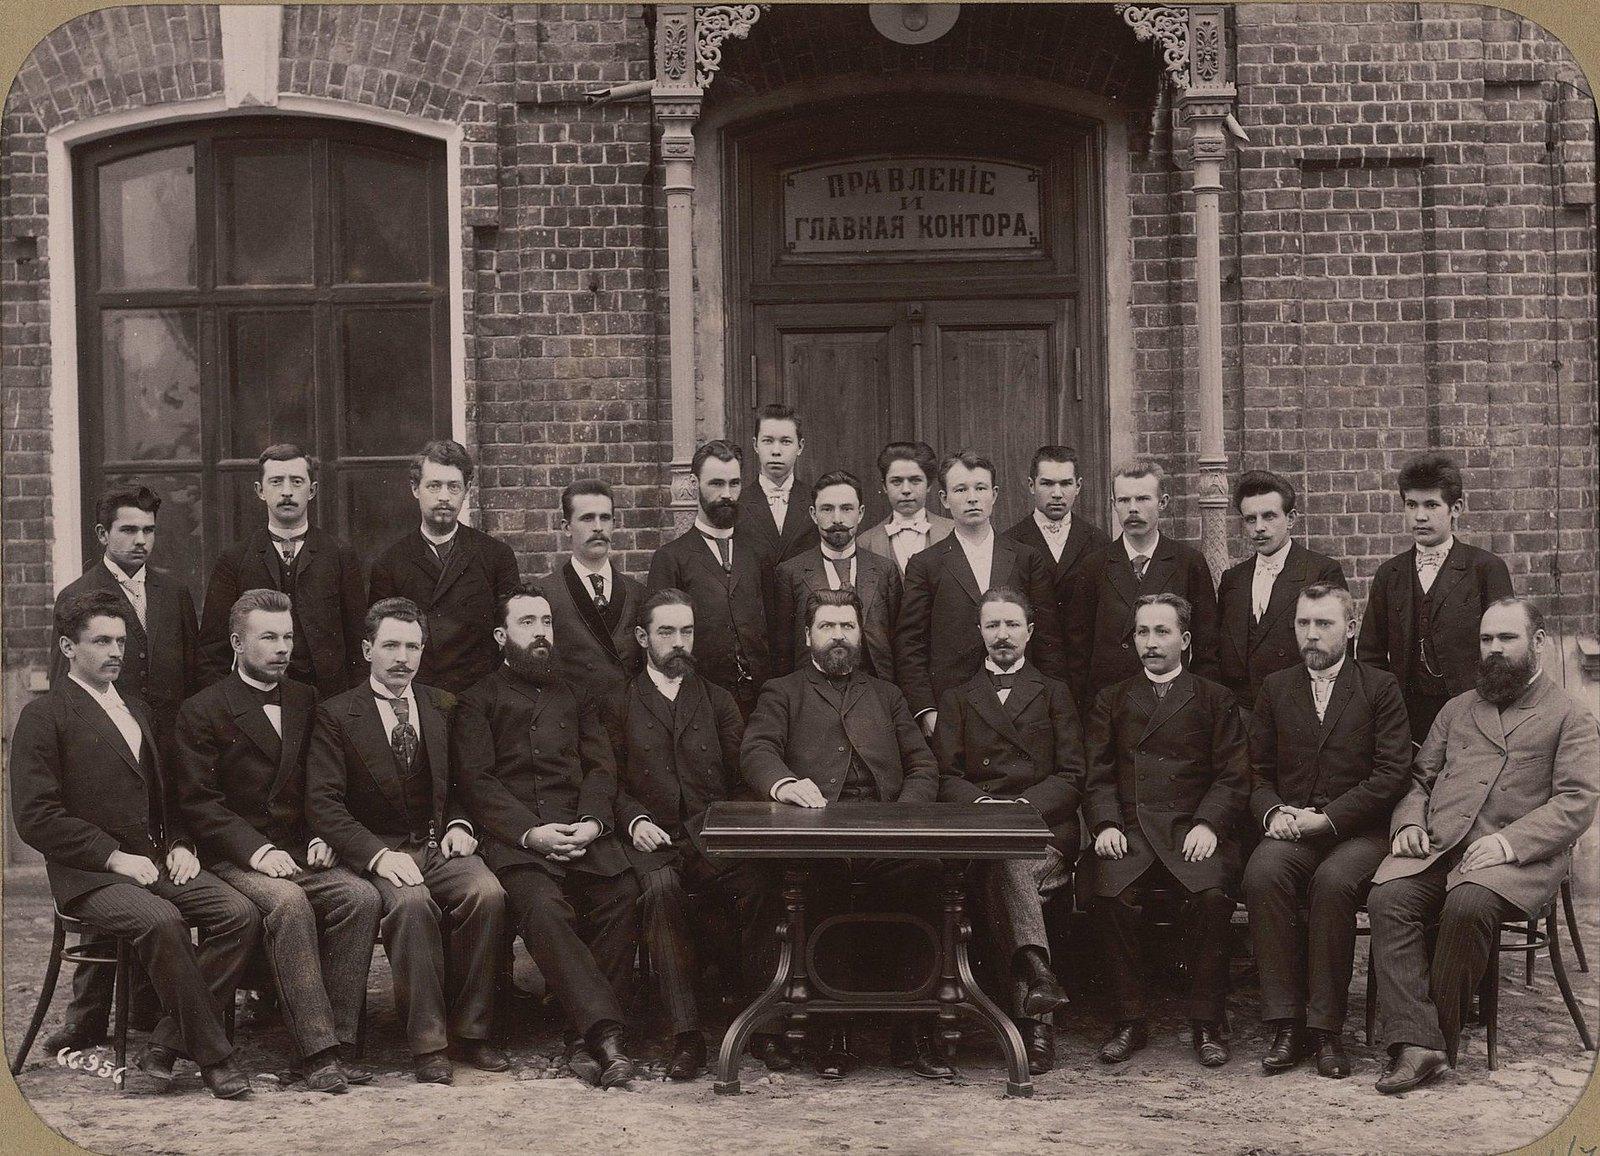 07.  Главный бухгалтер и сотрудники конторы на фоне входа в здание правления и главной конторы